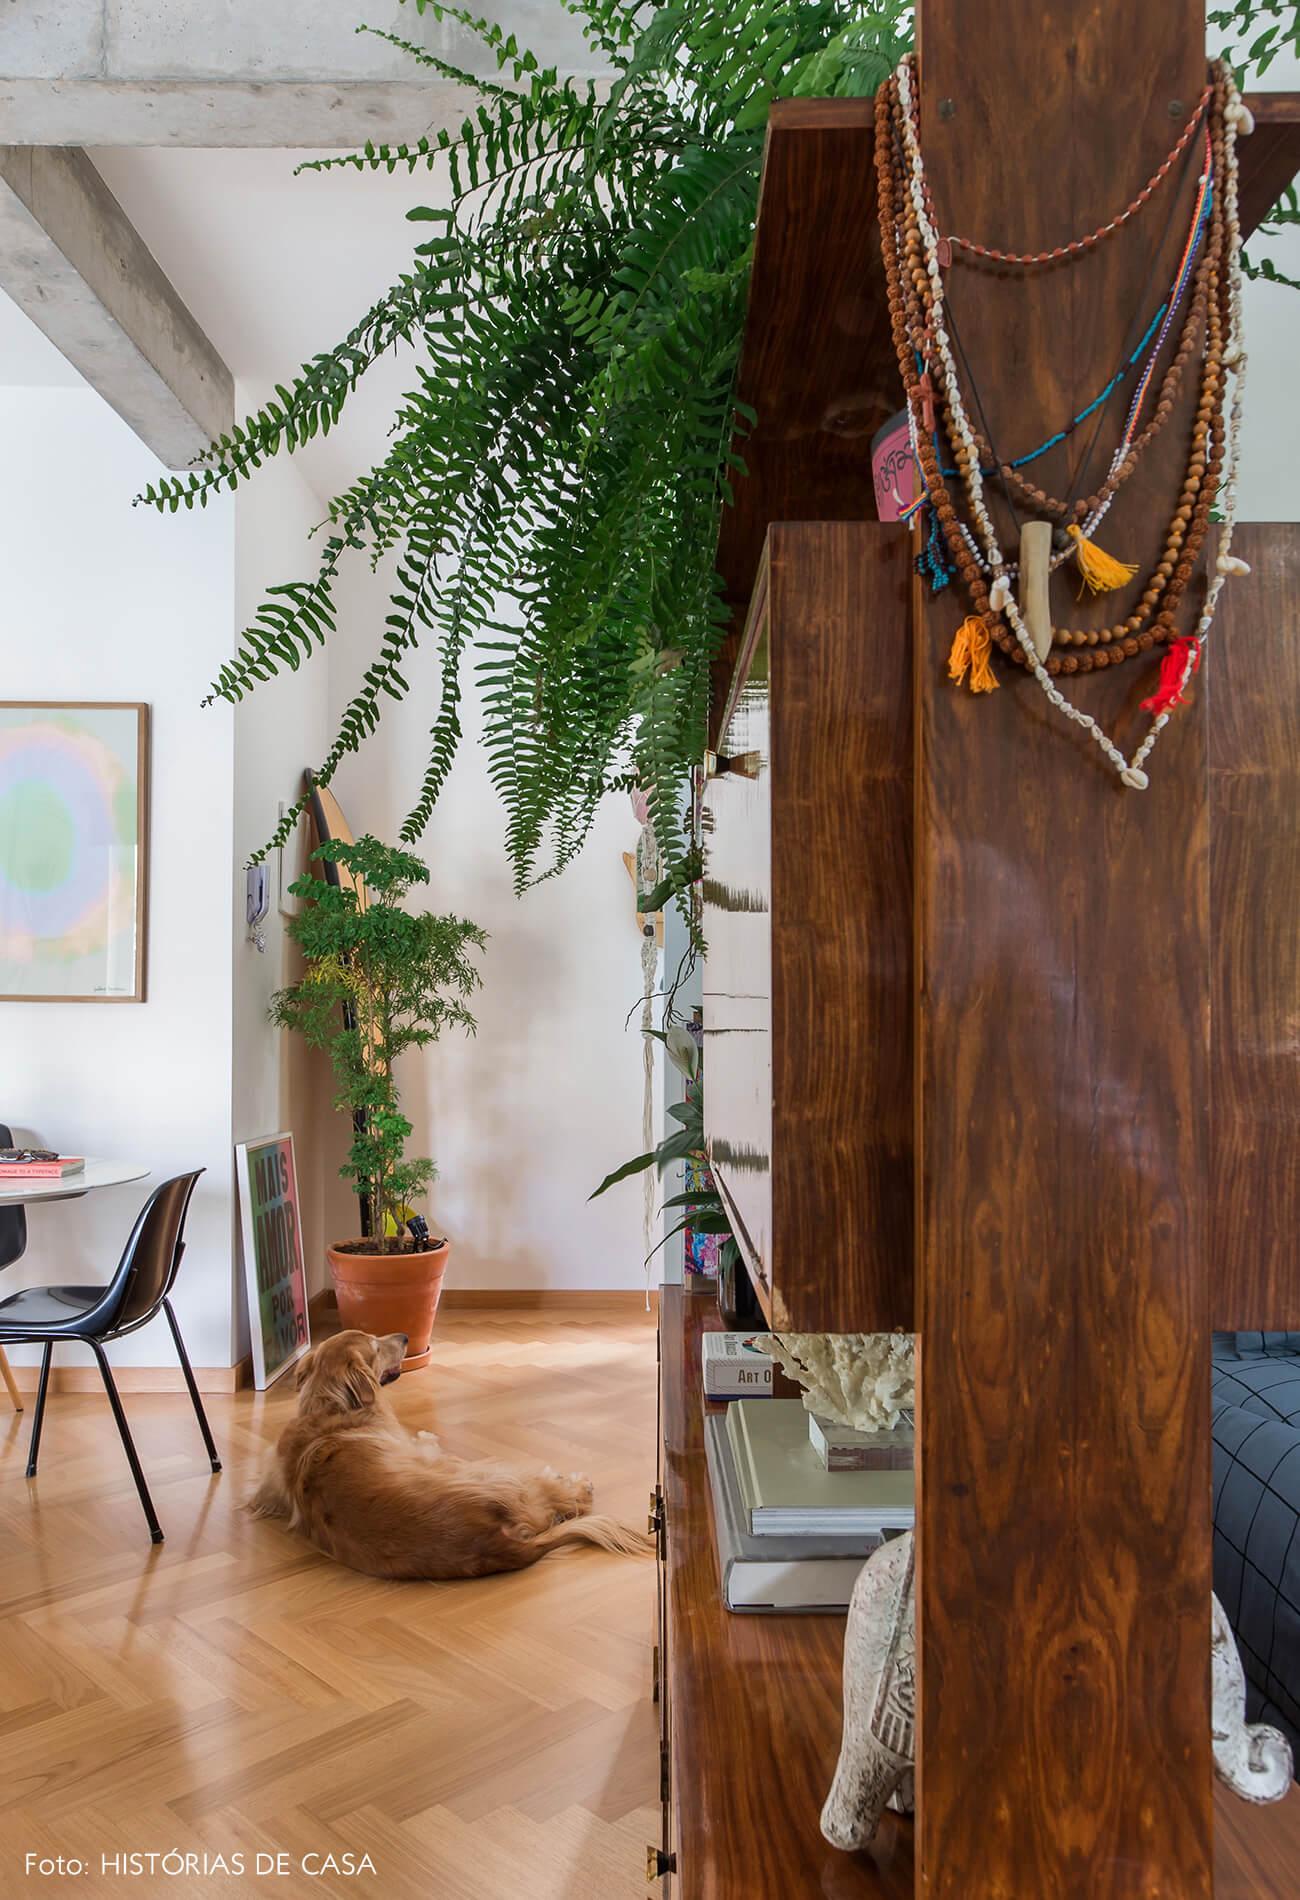 Apartamento integrado com estante vintage servindo como divisória e samambaias